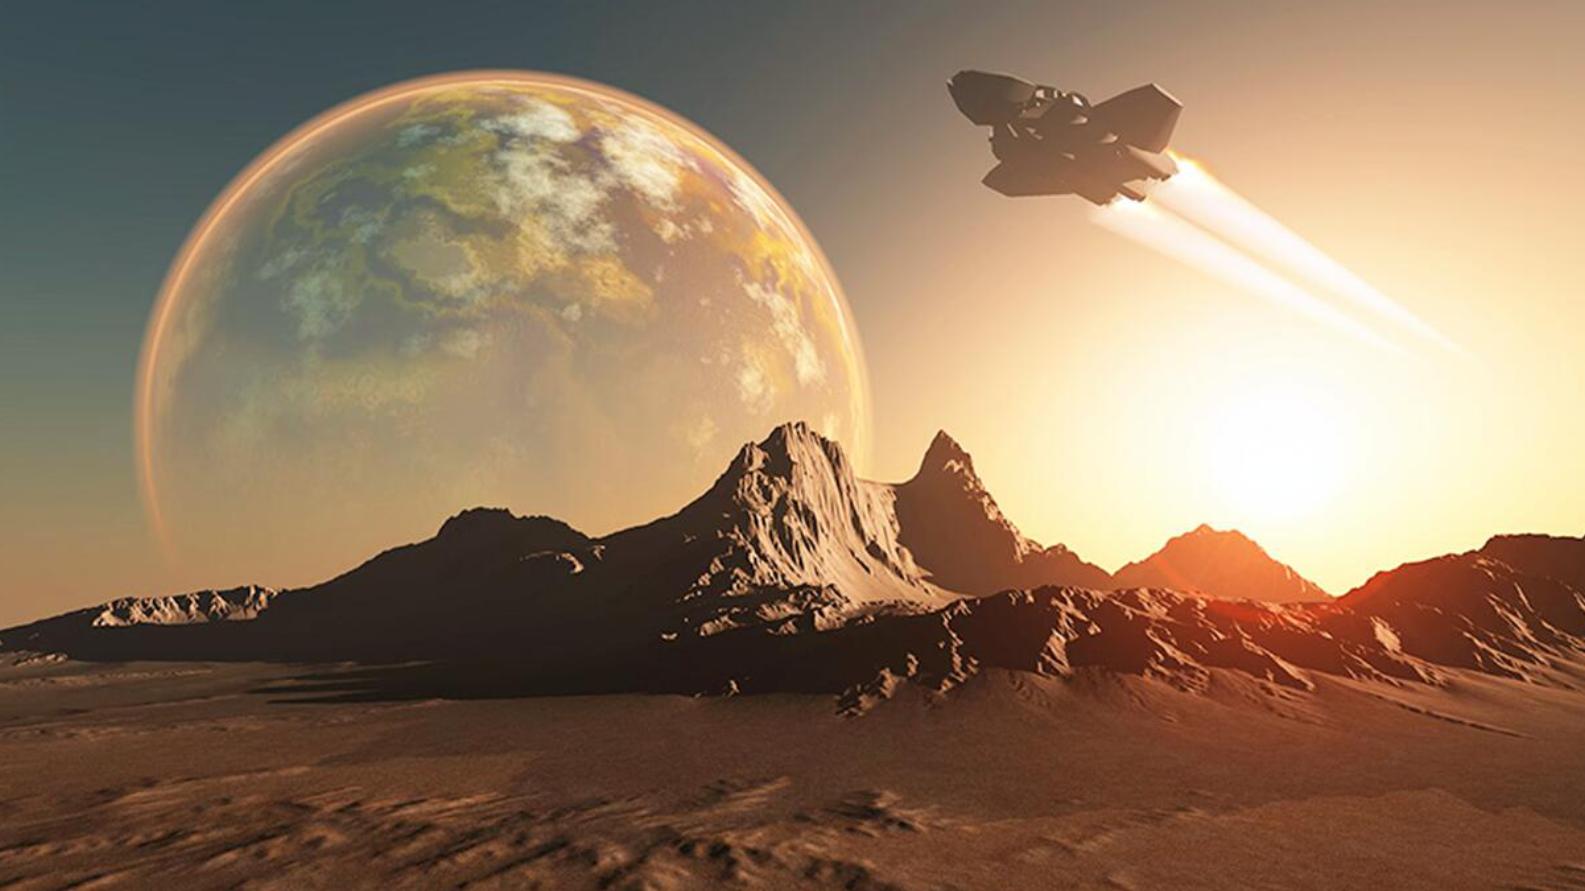 核动力火箭启动!从地球到火星30天即达,去比邻星只需12年